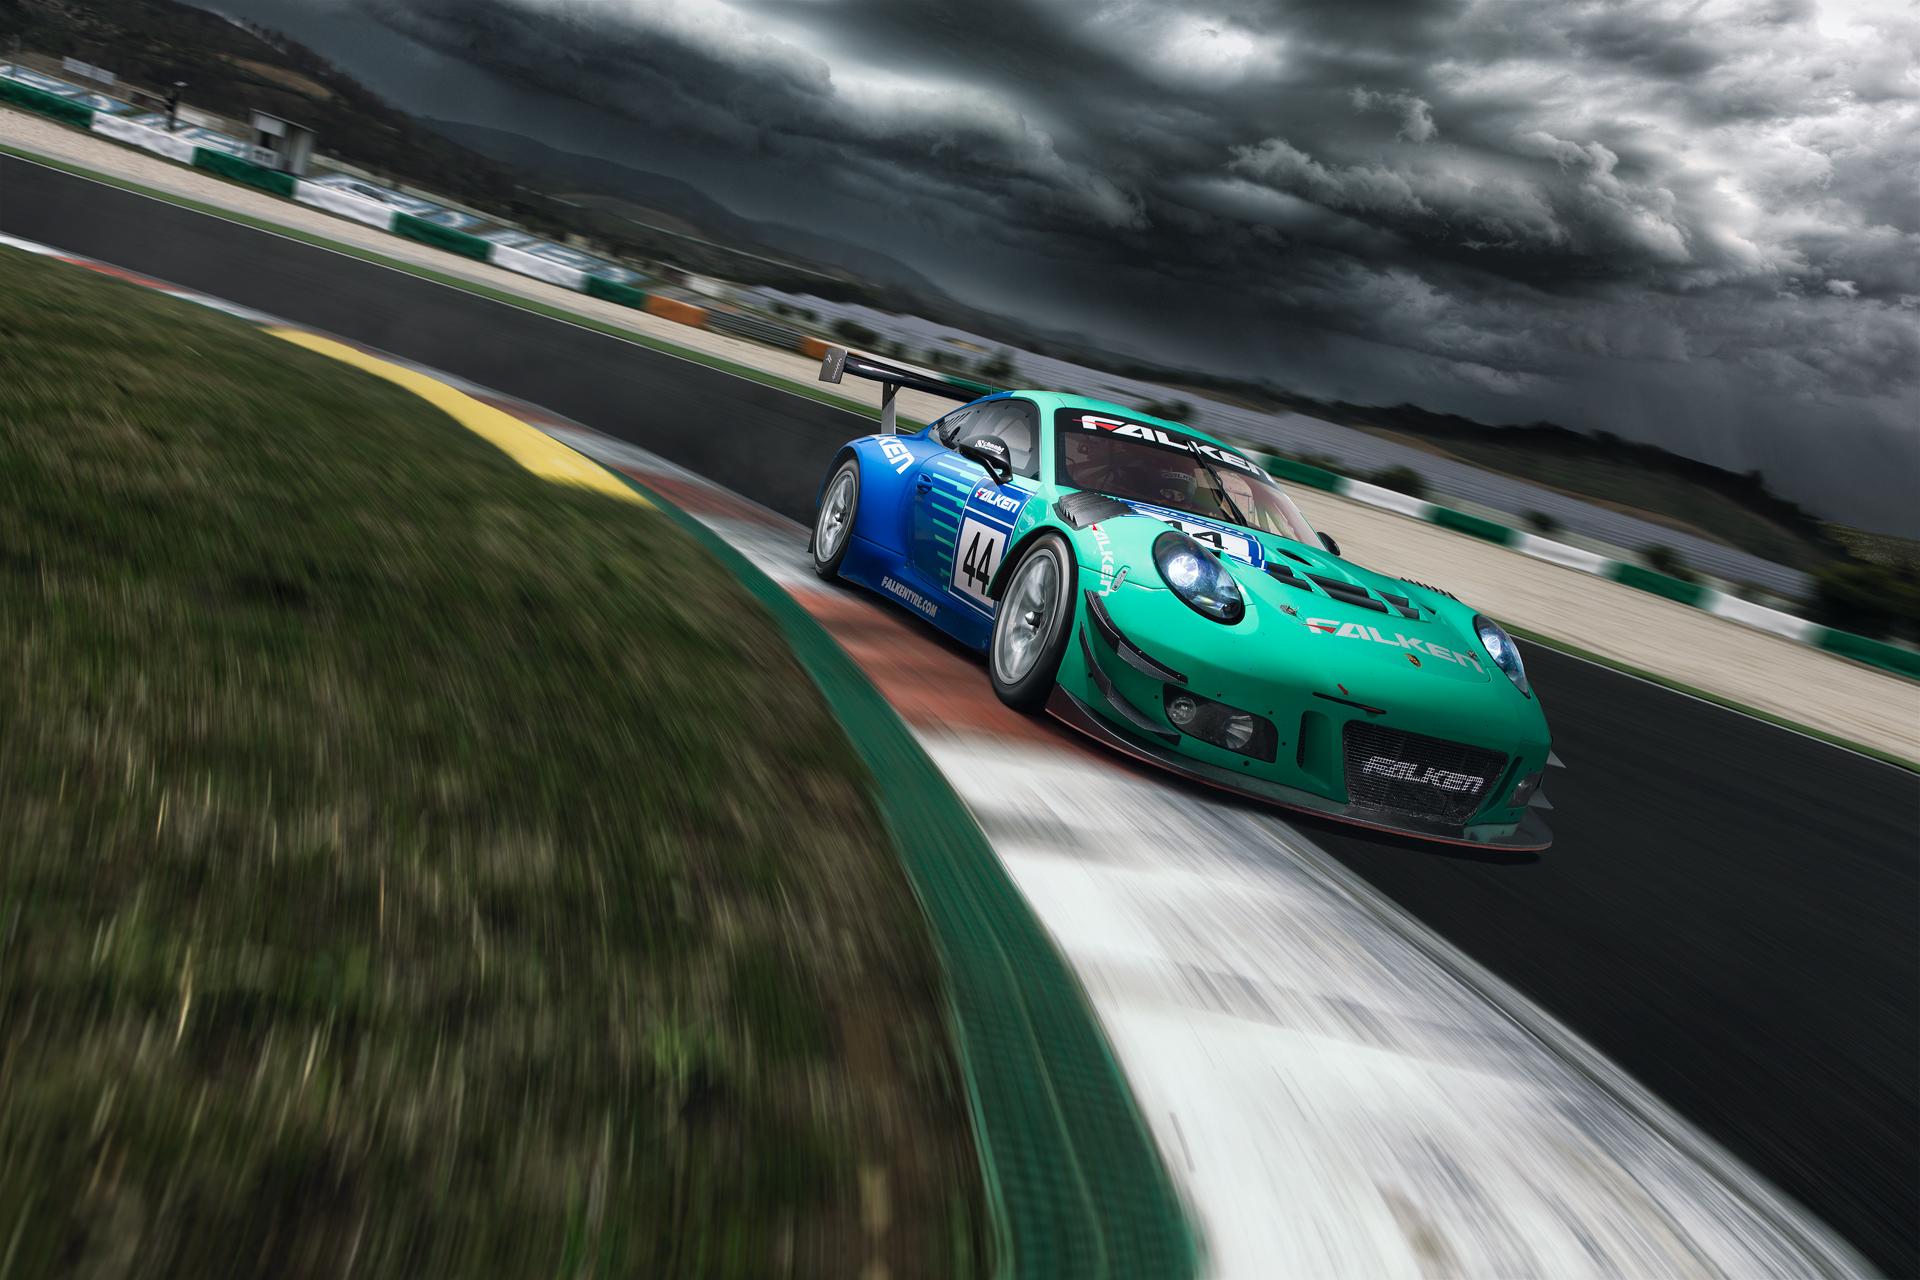 Falken Porsche 991 GT3 R